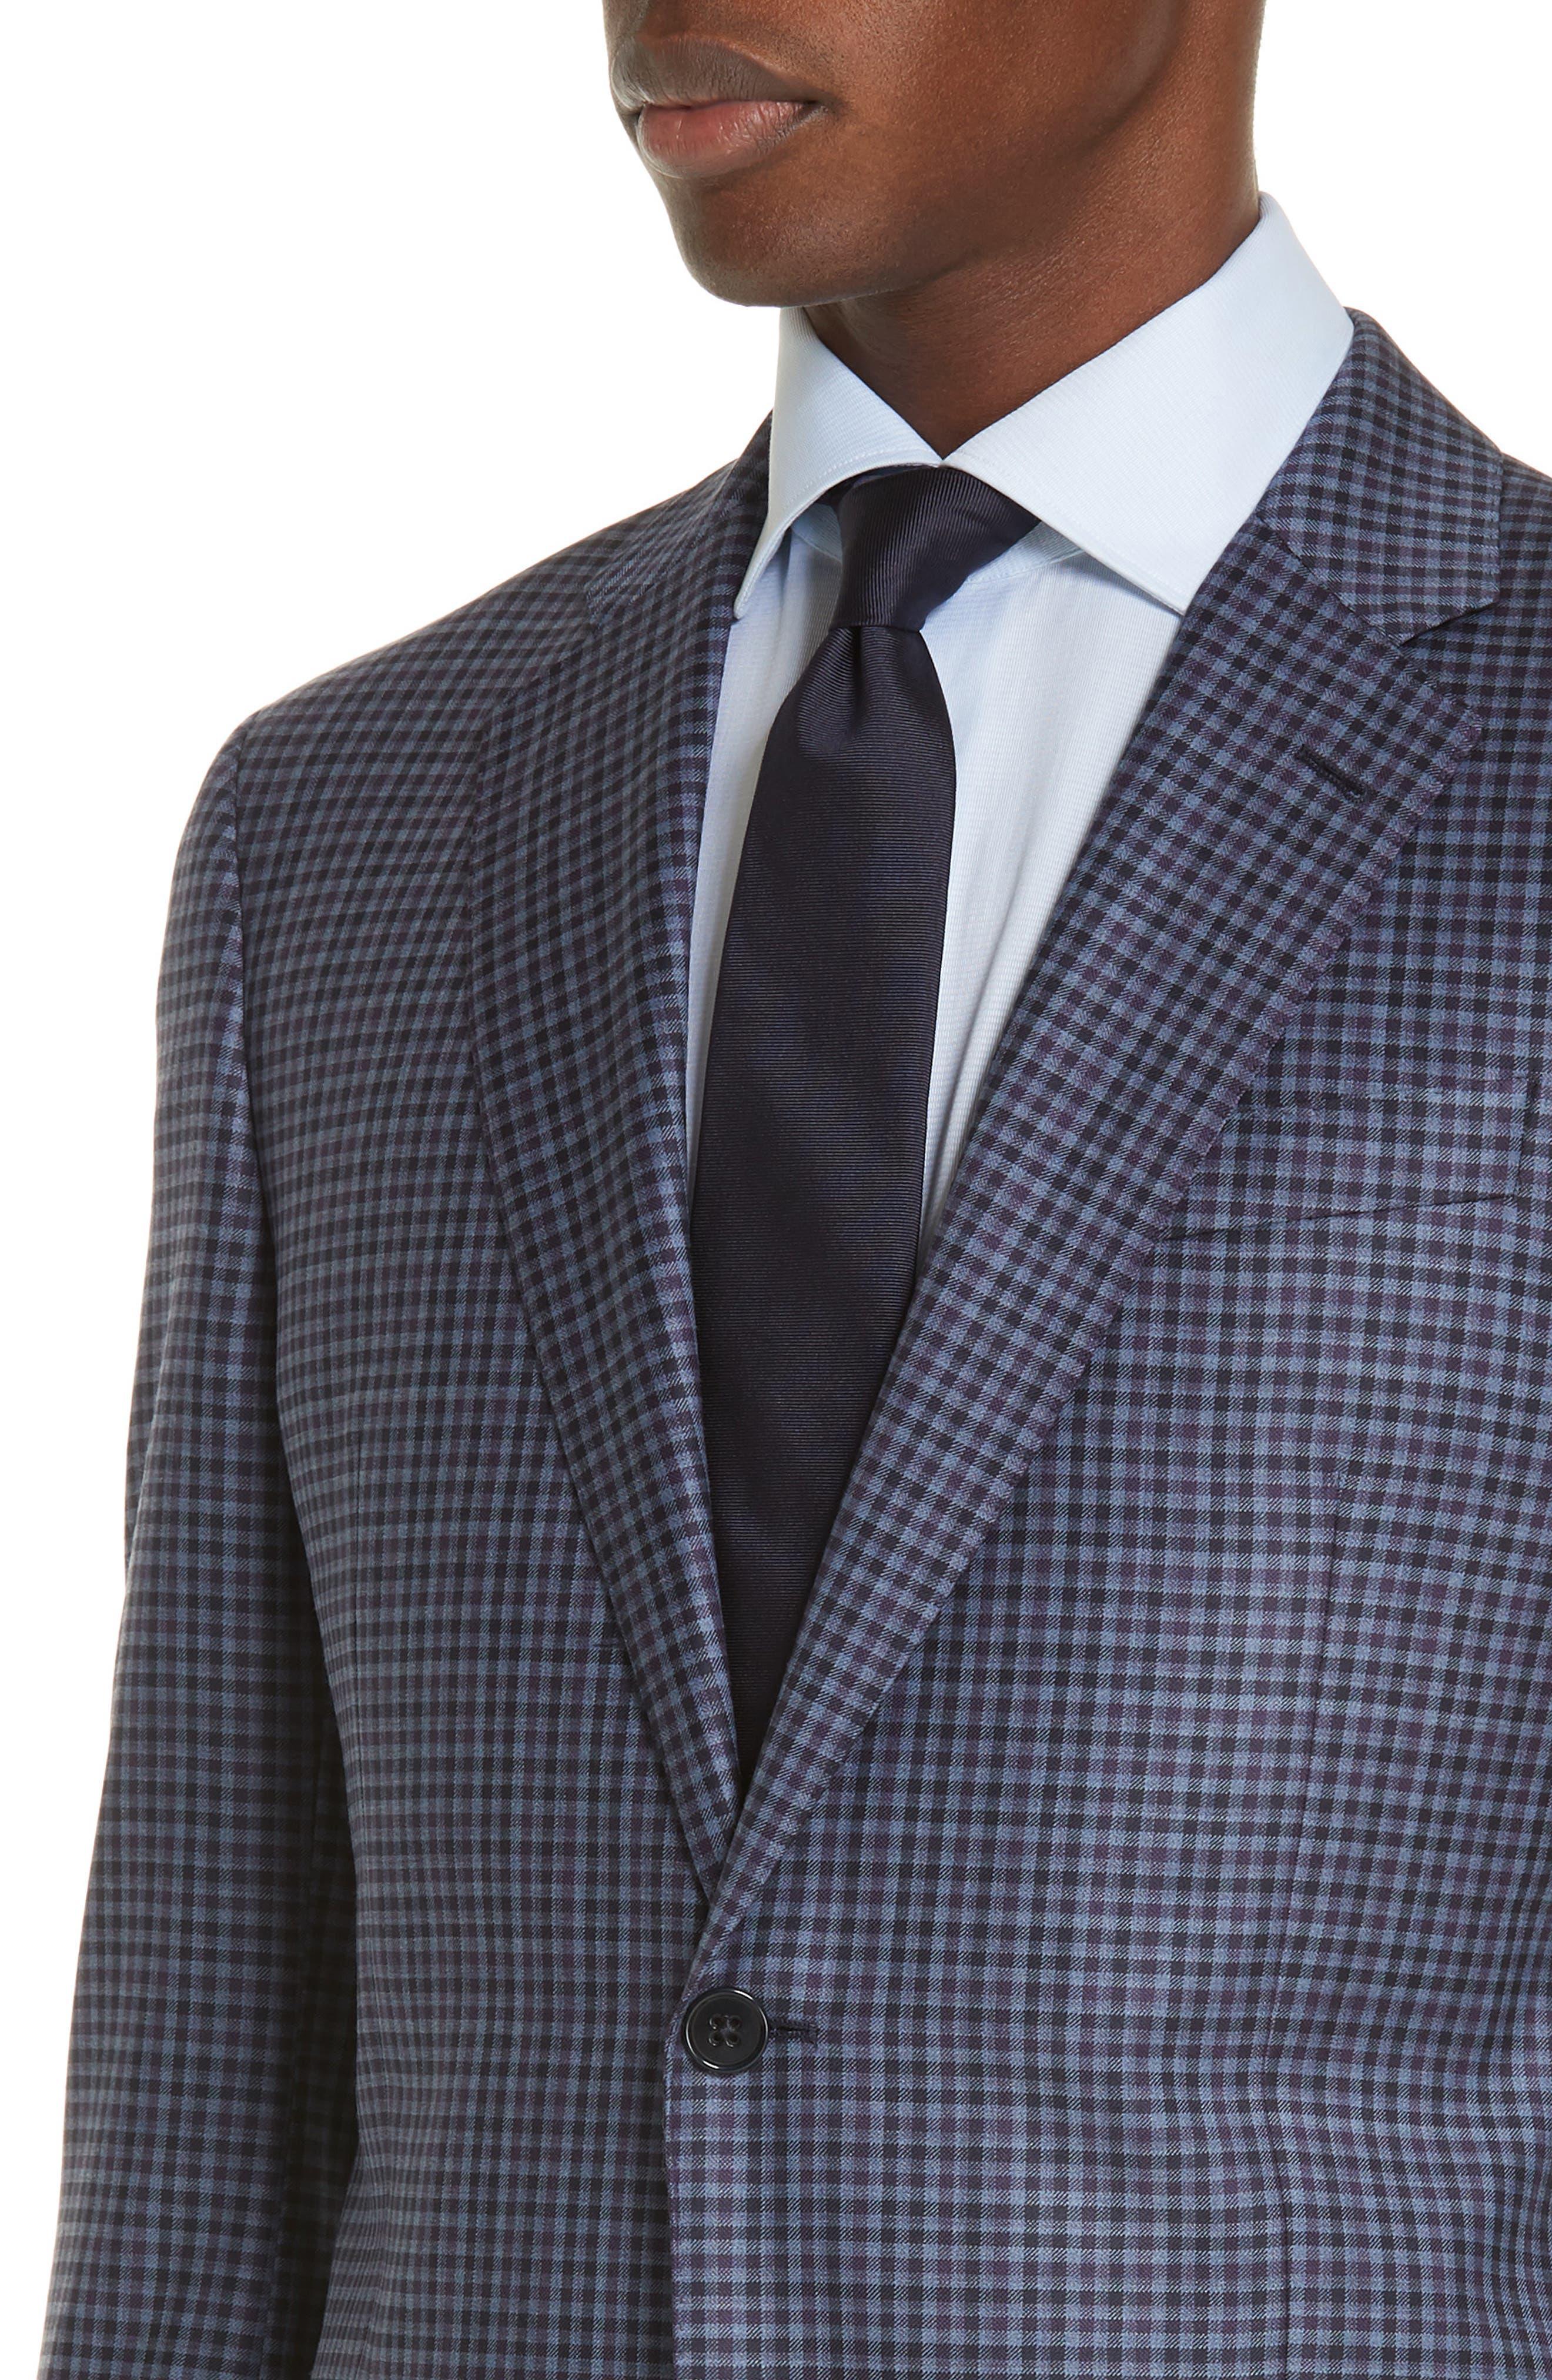 G Line Trim Fit Check Wool Sport Coat,                             Alternate thumbnail 4, color,                             PURPLE